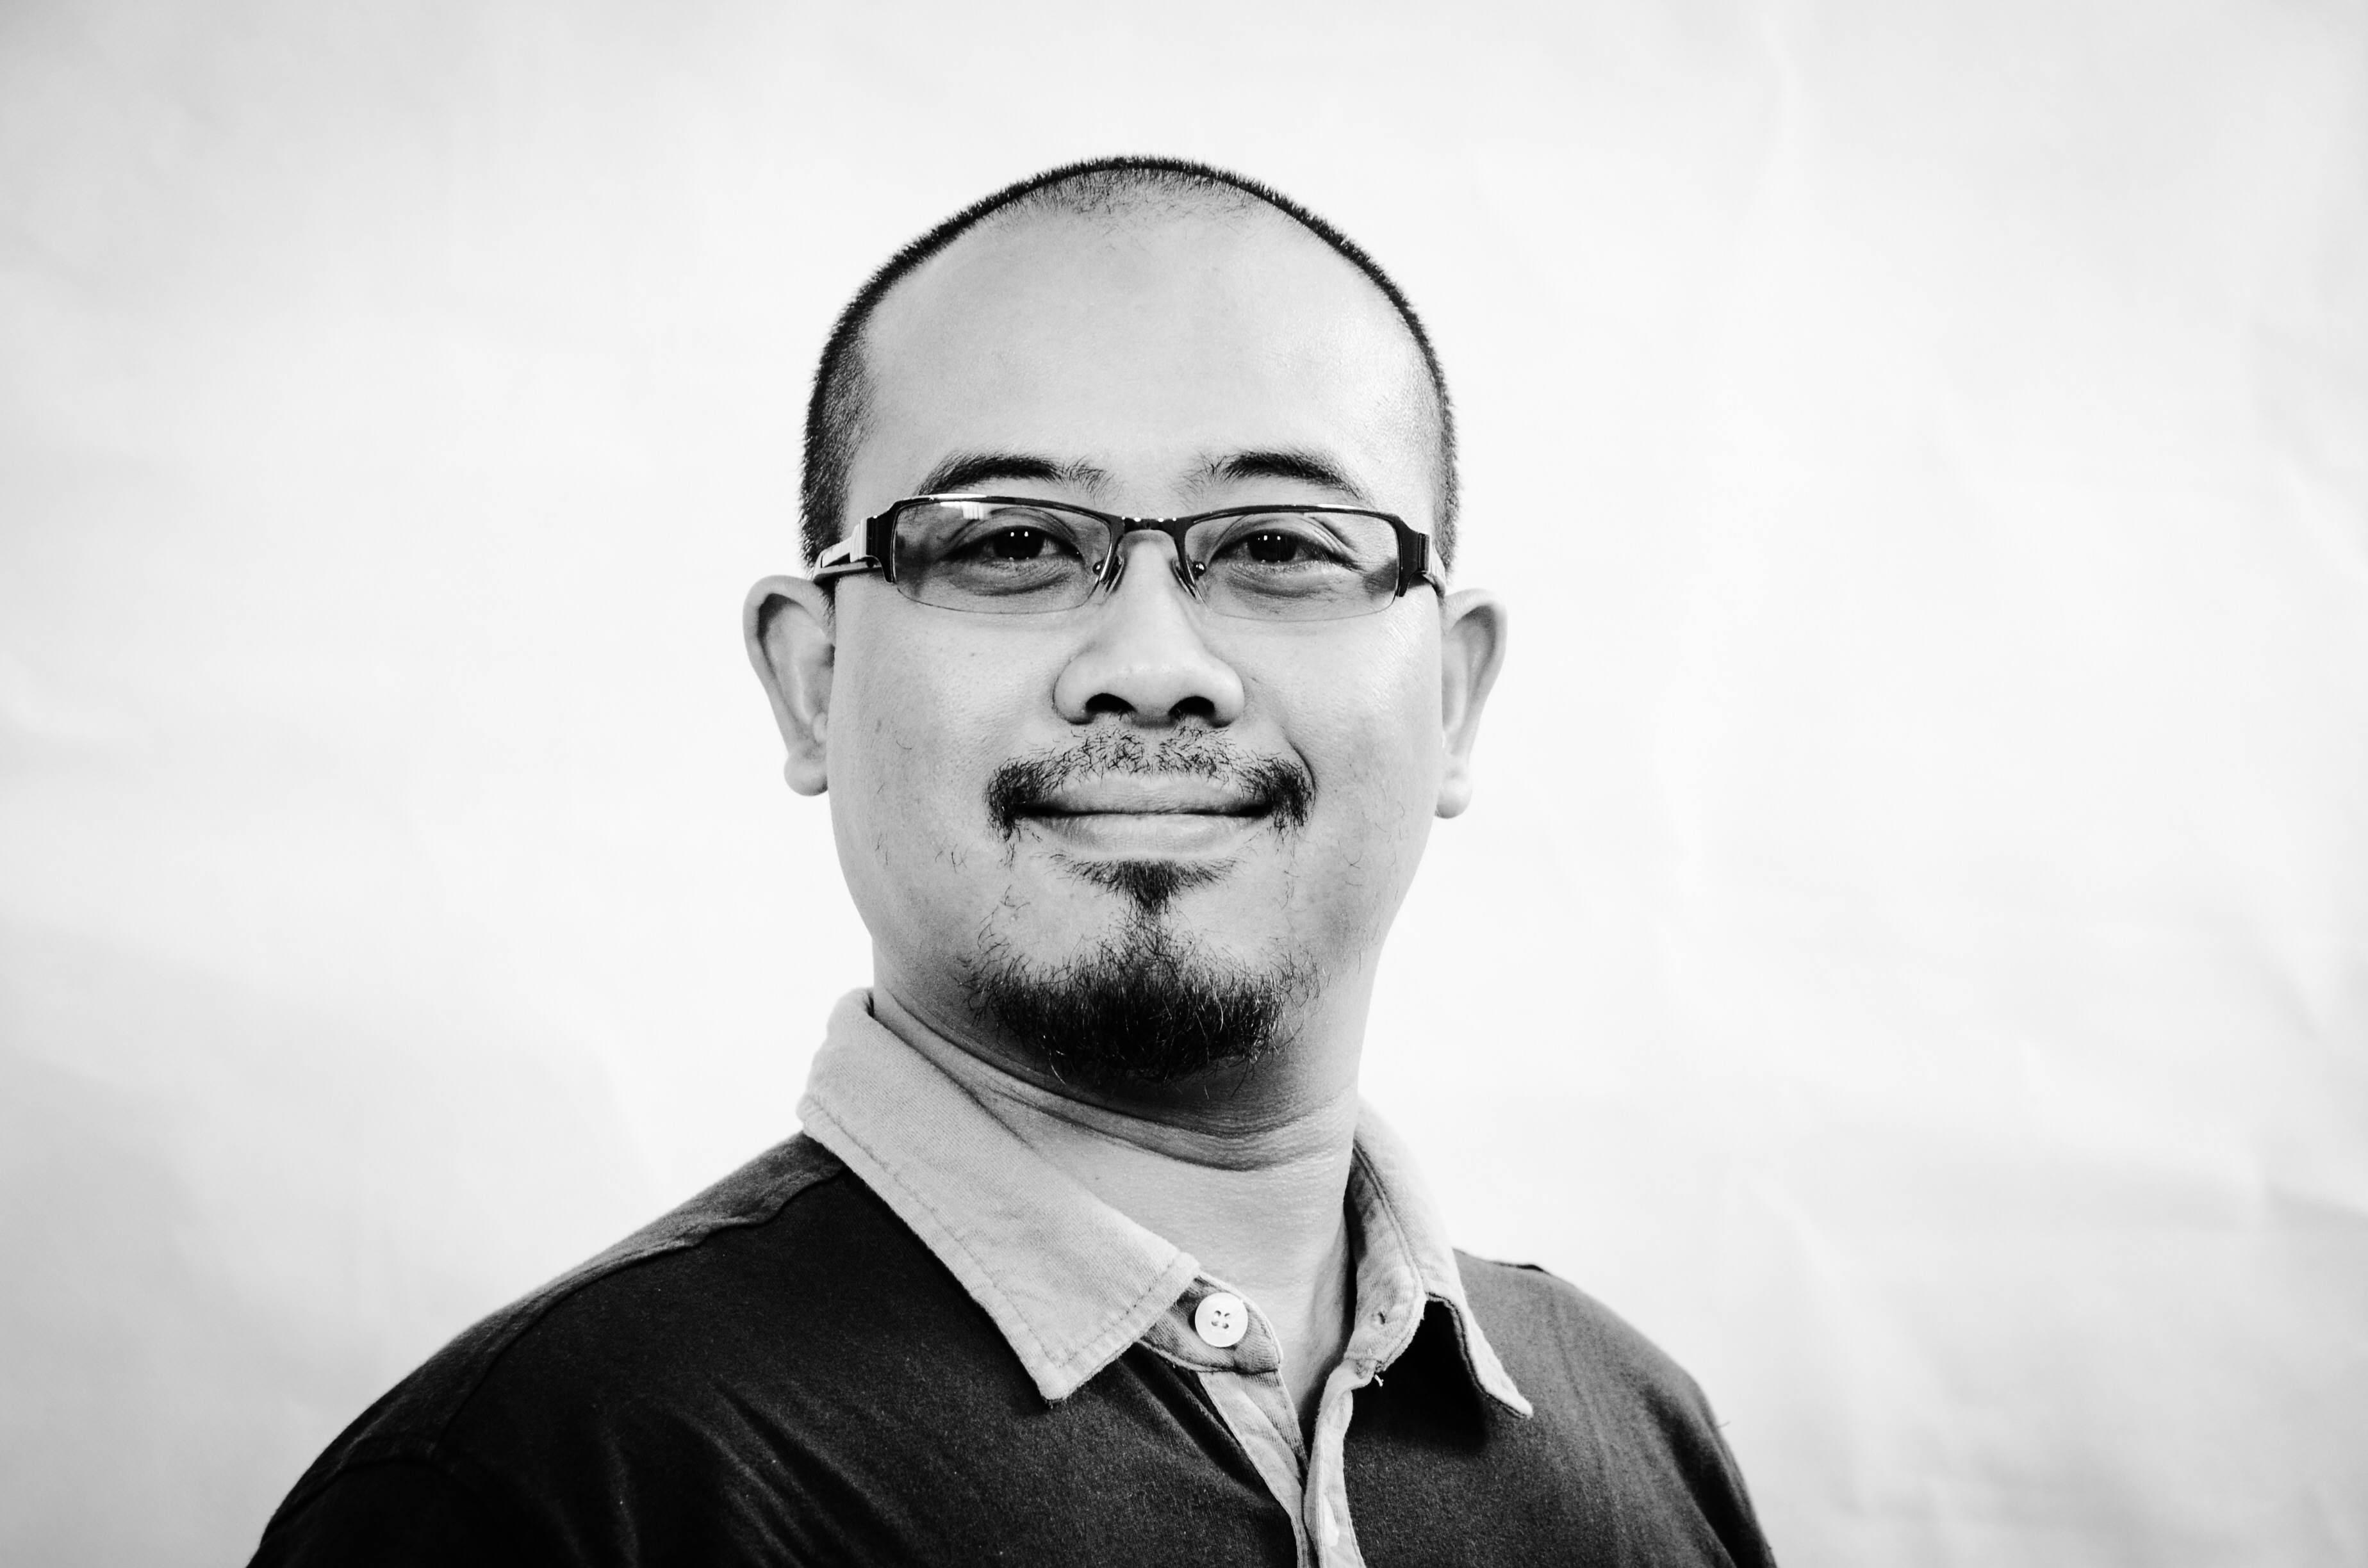 Abdul Rahim Sabri